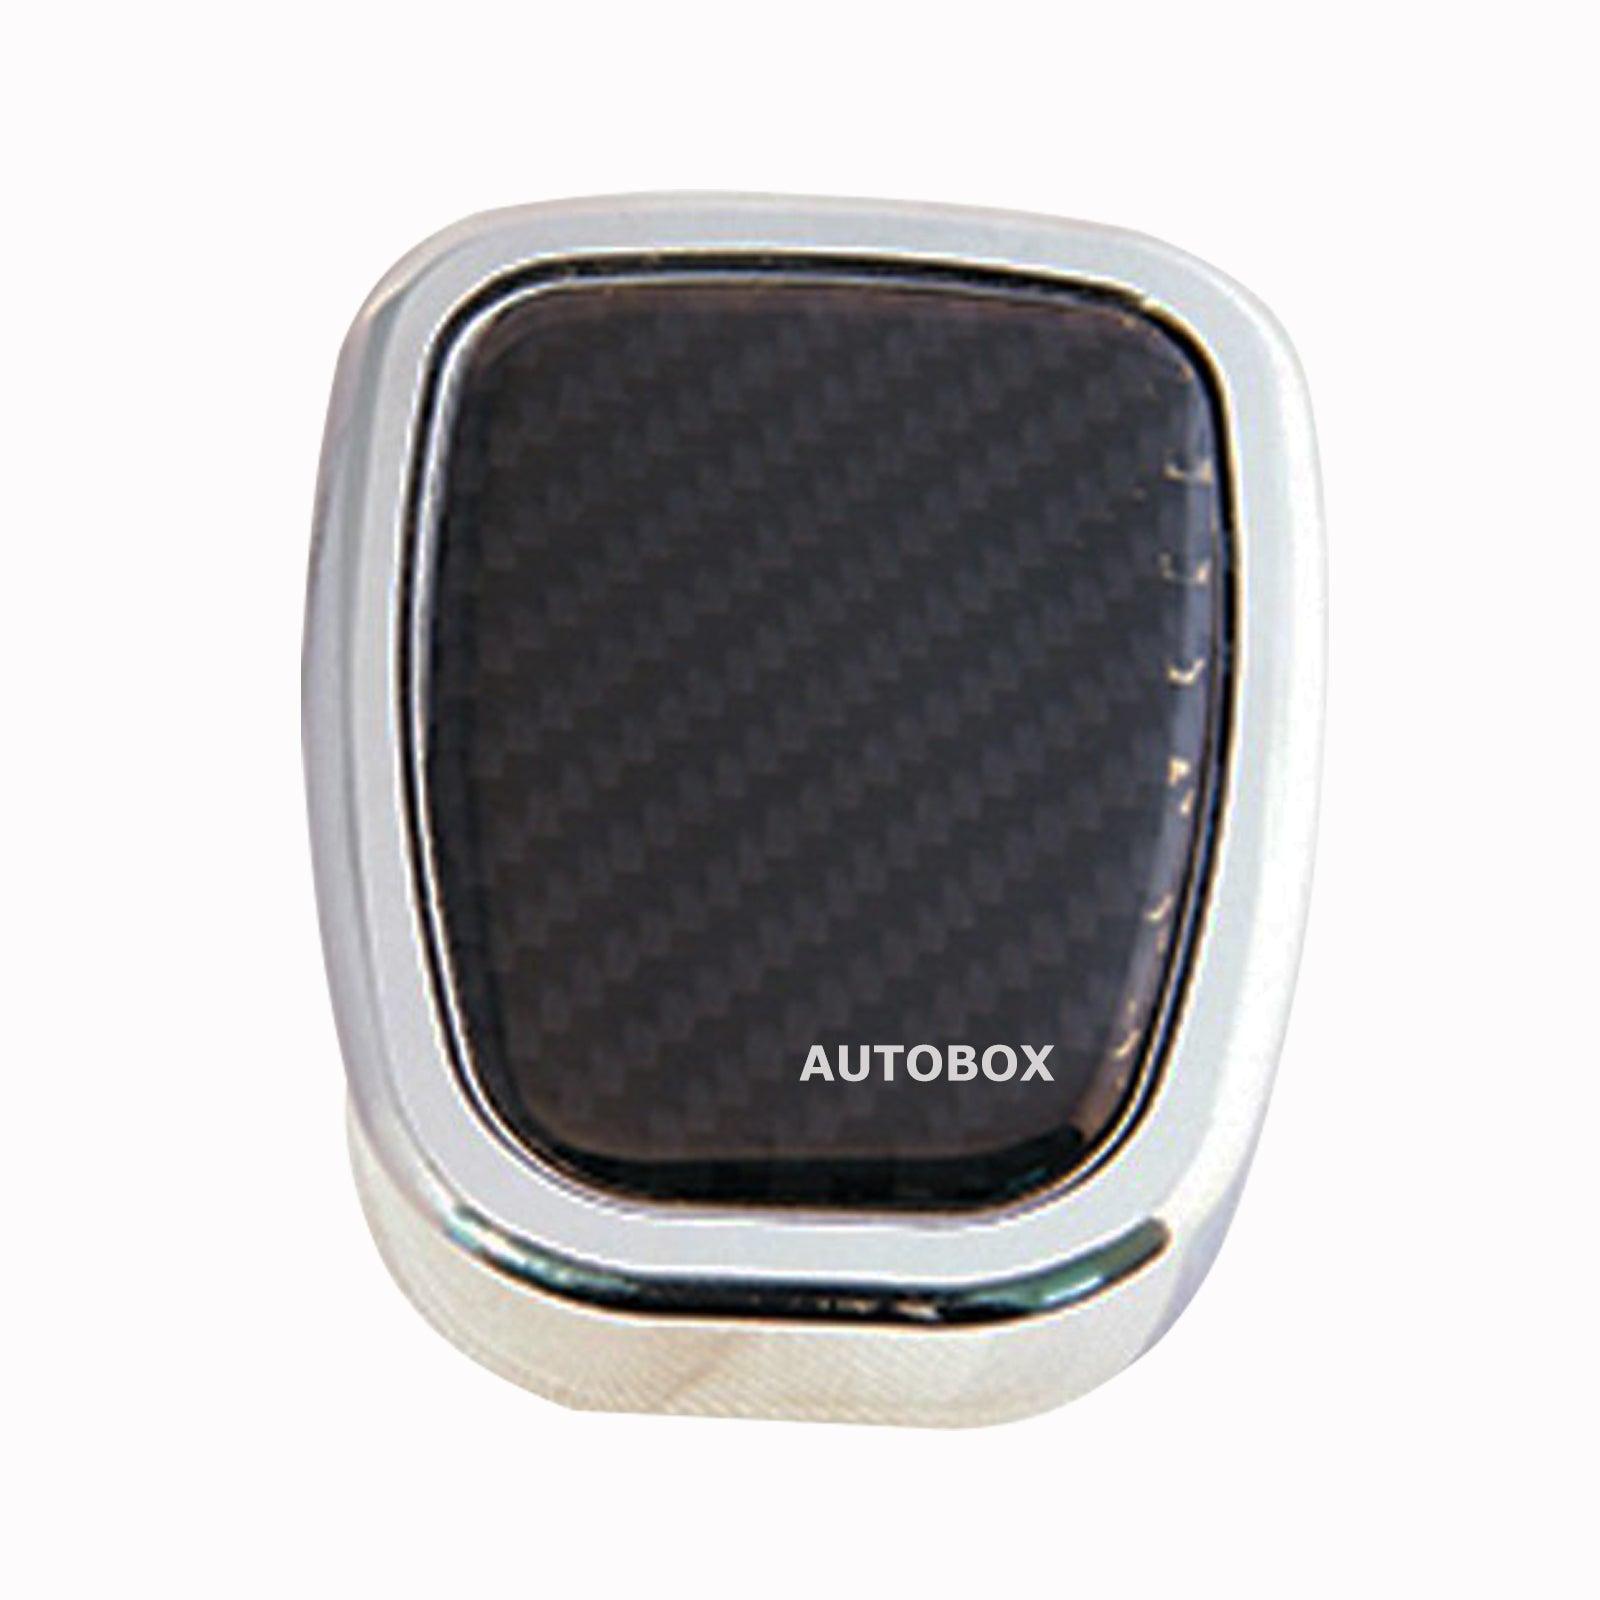 CHROME CARBON TOP ALLOY BILLET ENGINE CAP KIT VE V8 6.0 6.2 LTR L98 LS2 LS3